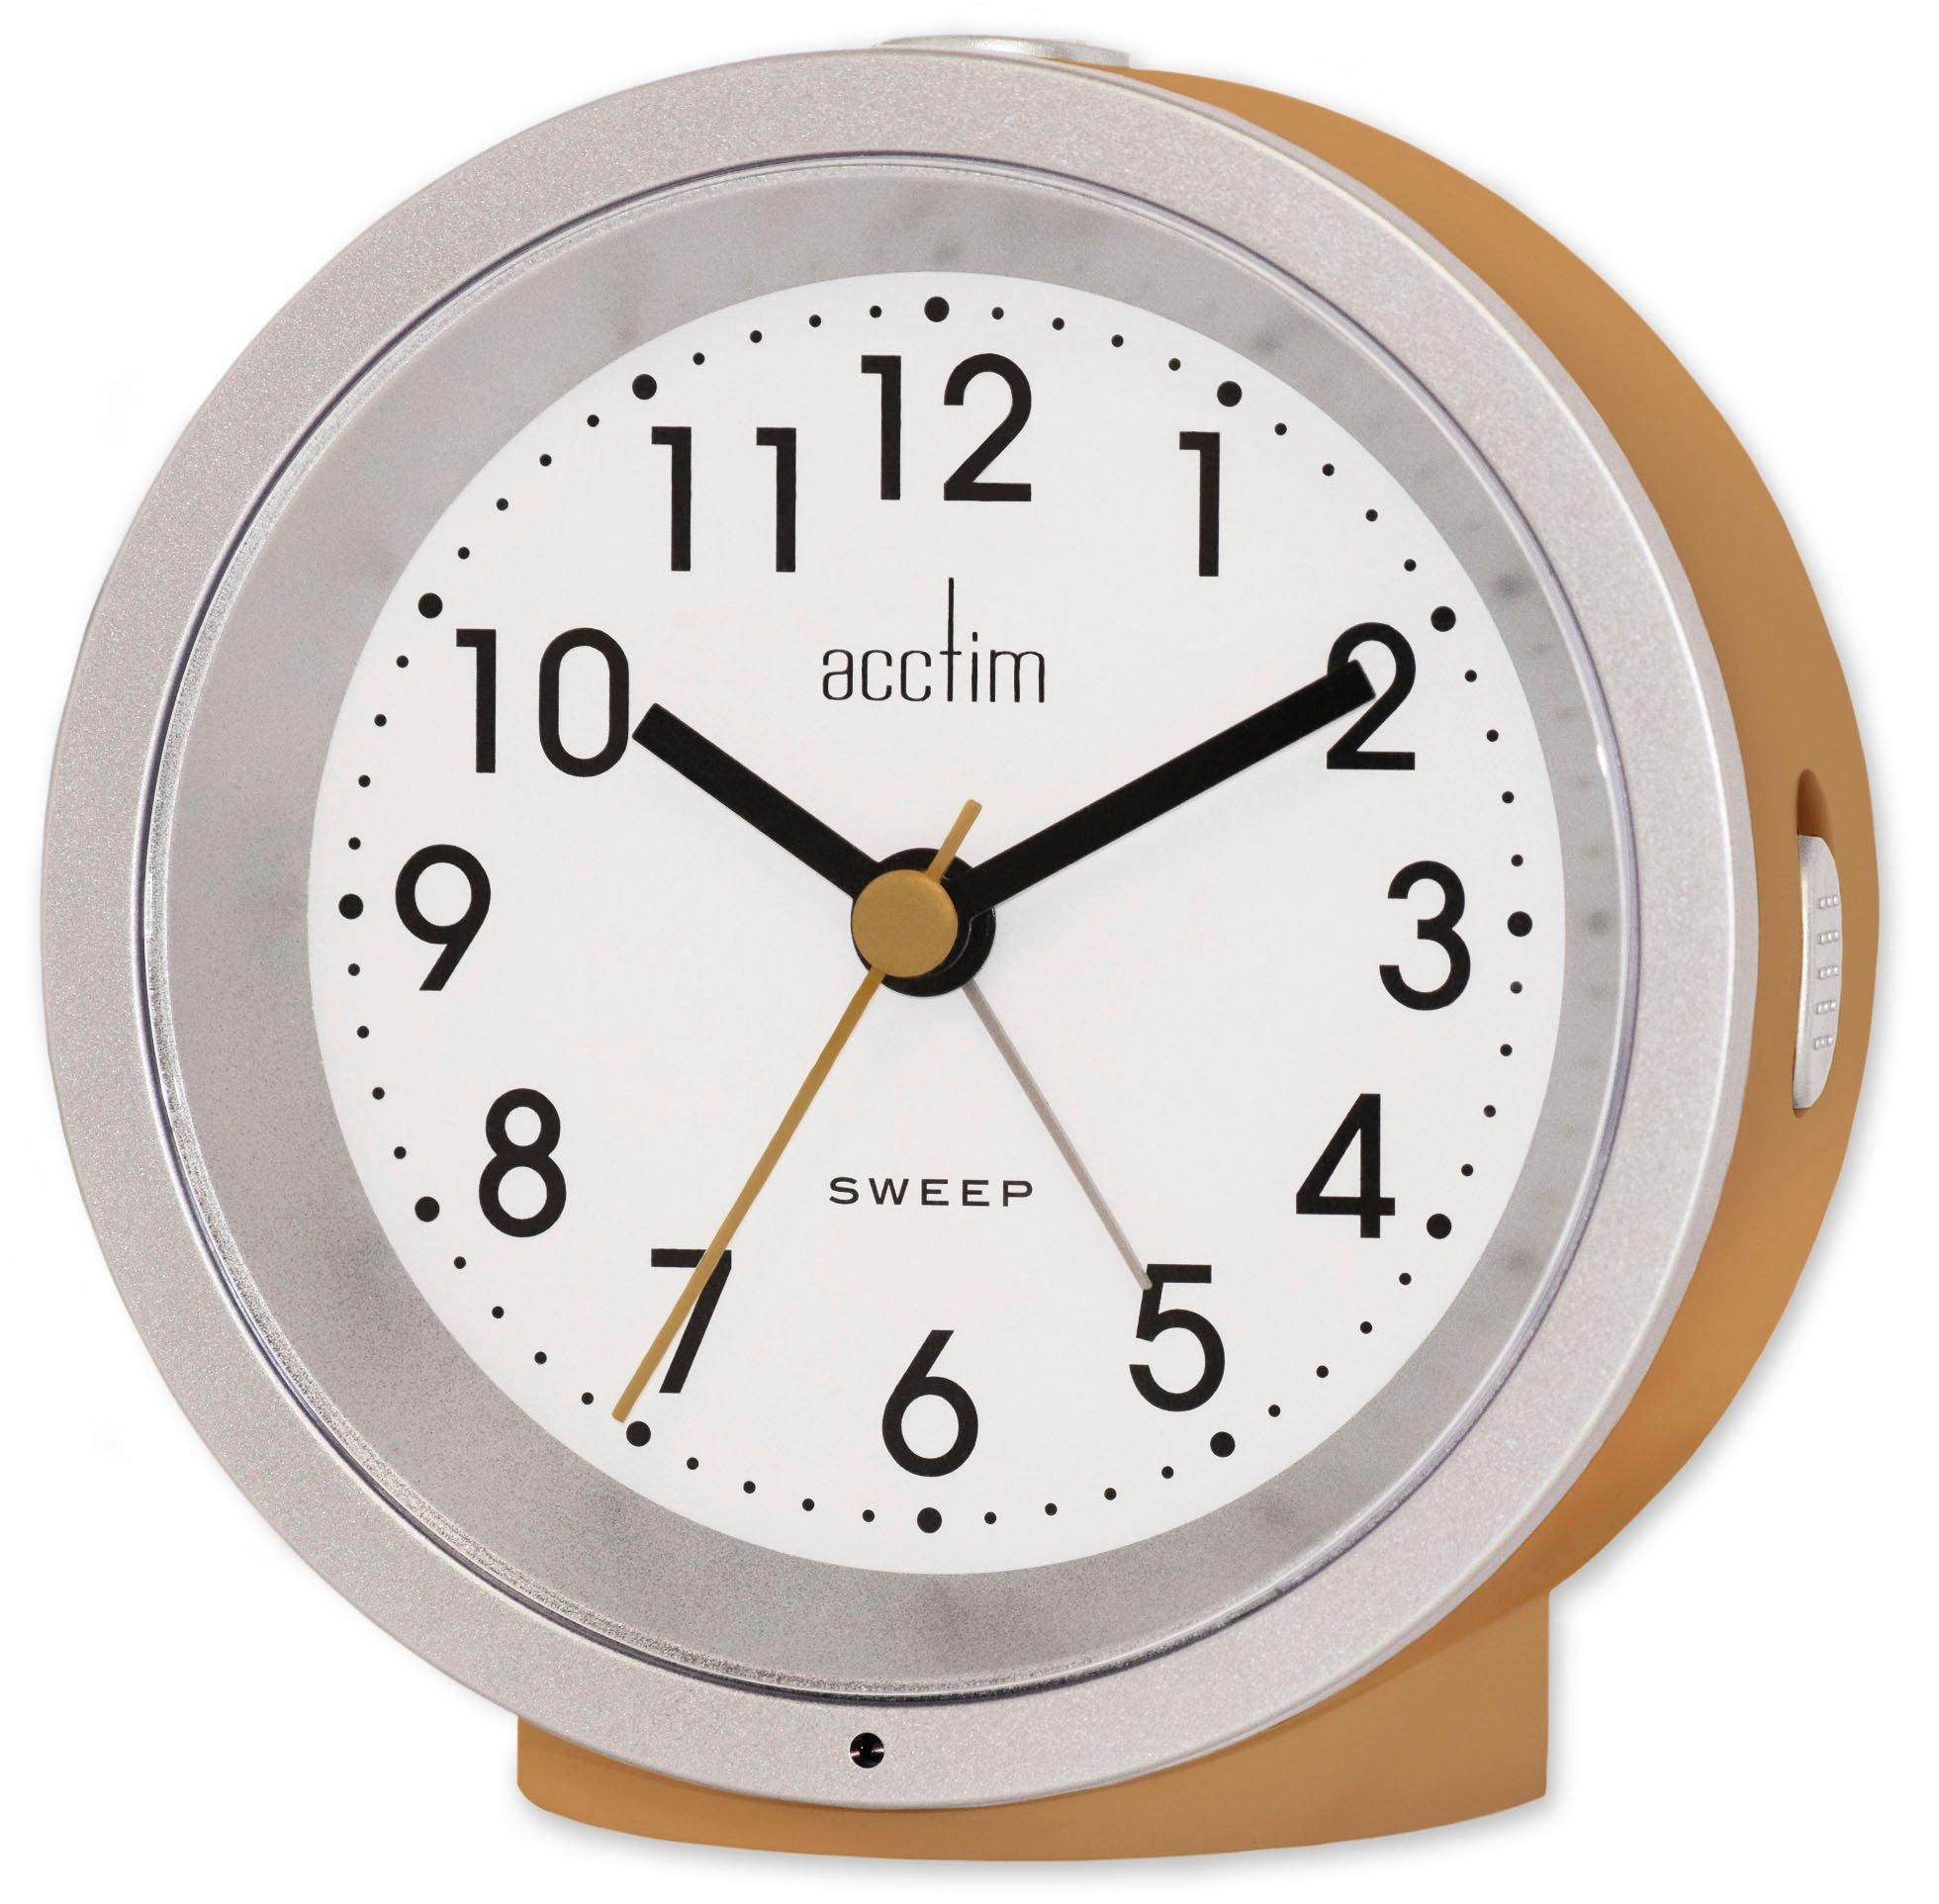 Acctim Wekker Kwartswekker Acctim (1-delig) nu online kopen bij OTTO